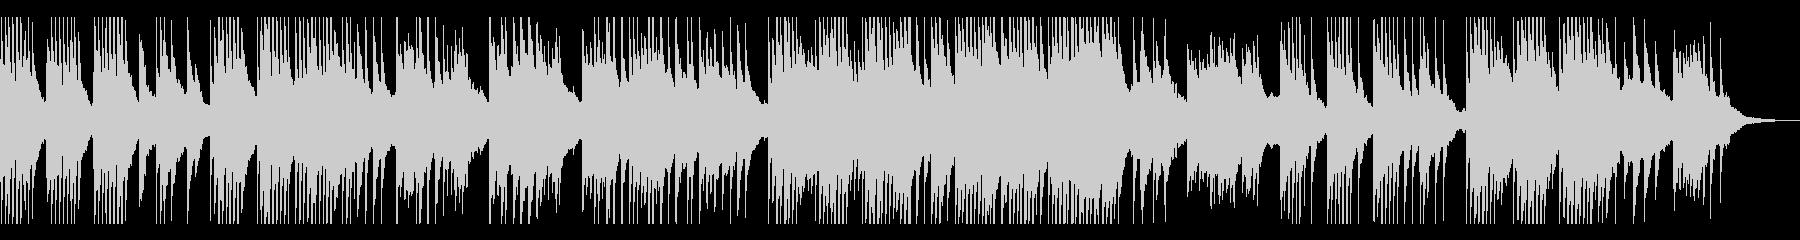 セピア・回想・モノローグ ピアノソロの未再生の波形